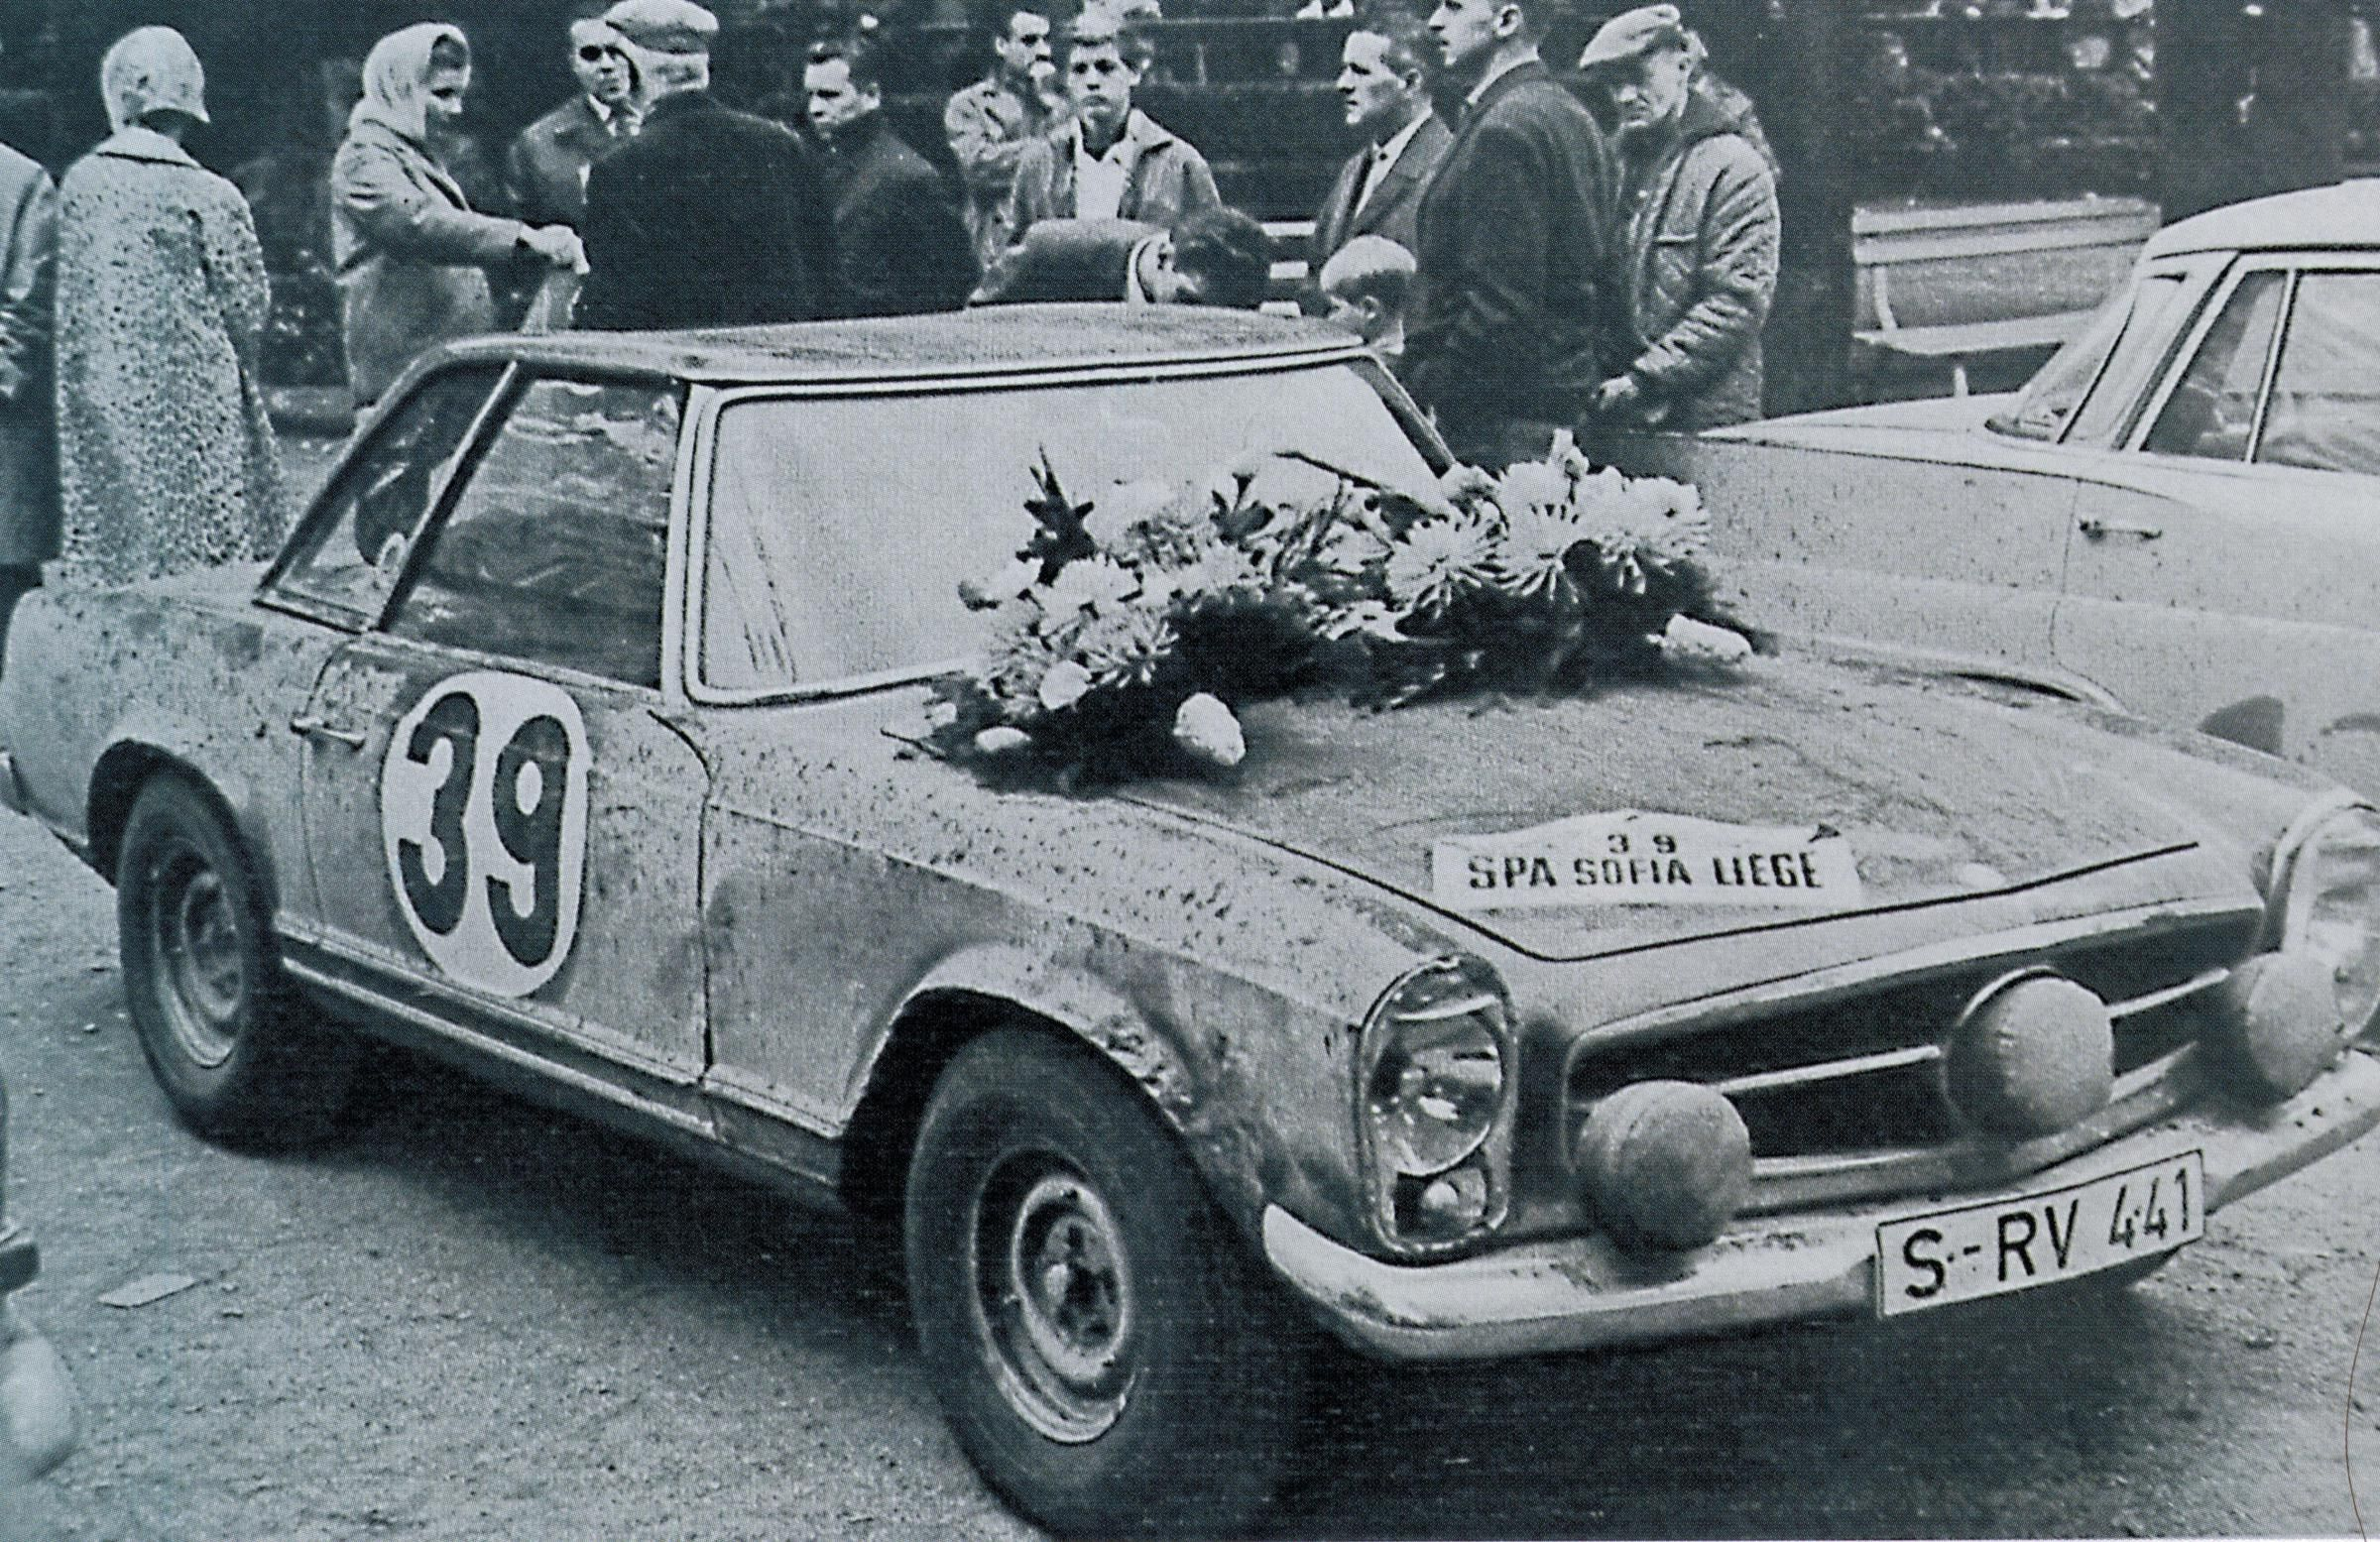 Das Siegerfahrzeug von 1963 unmittelbar nach dem Rennen (deutlich  gezeichnet vom Rennen) - Foto von Jean Luc Fournier